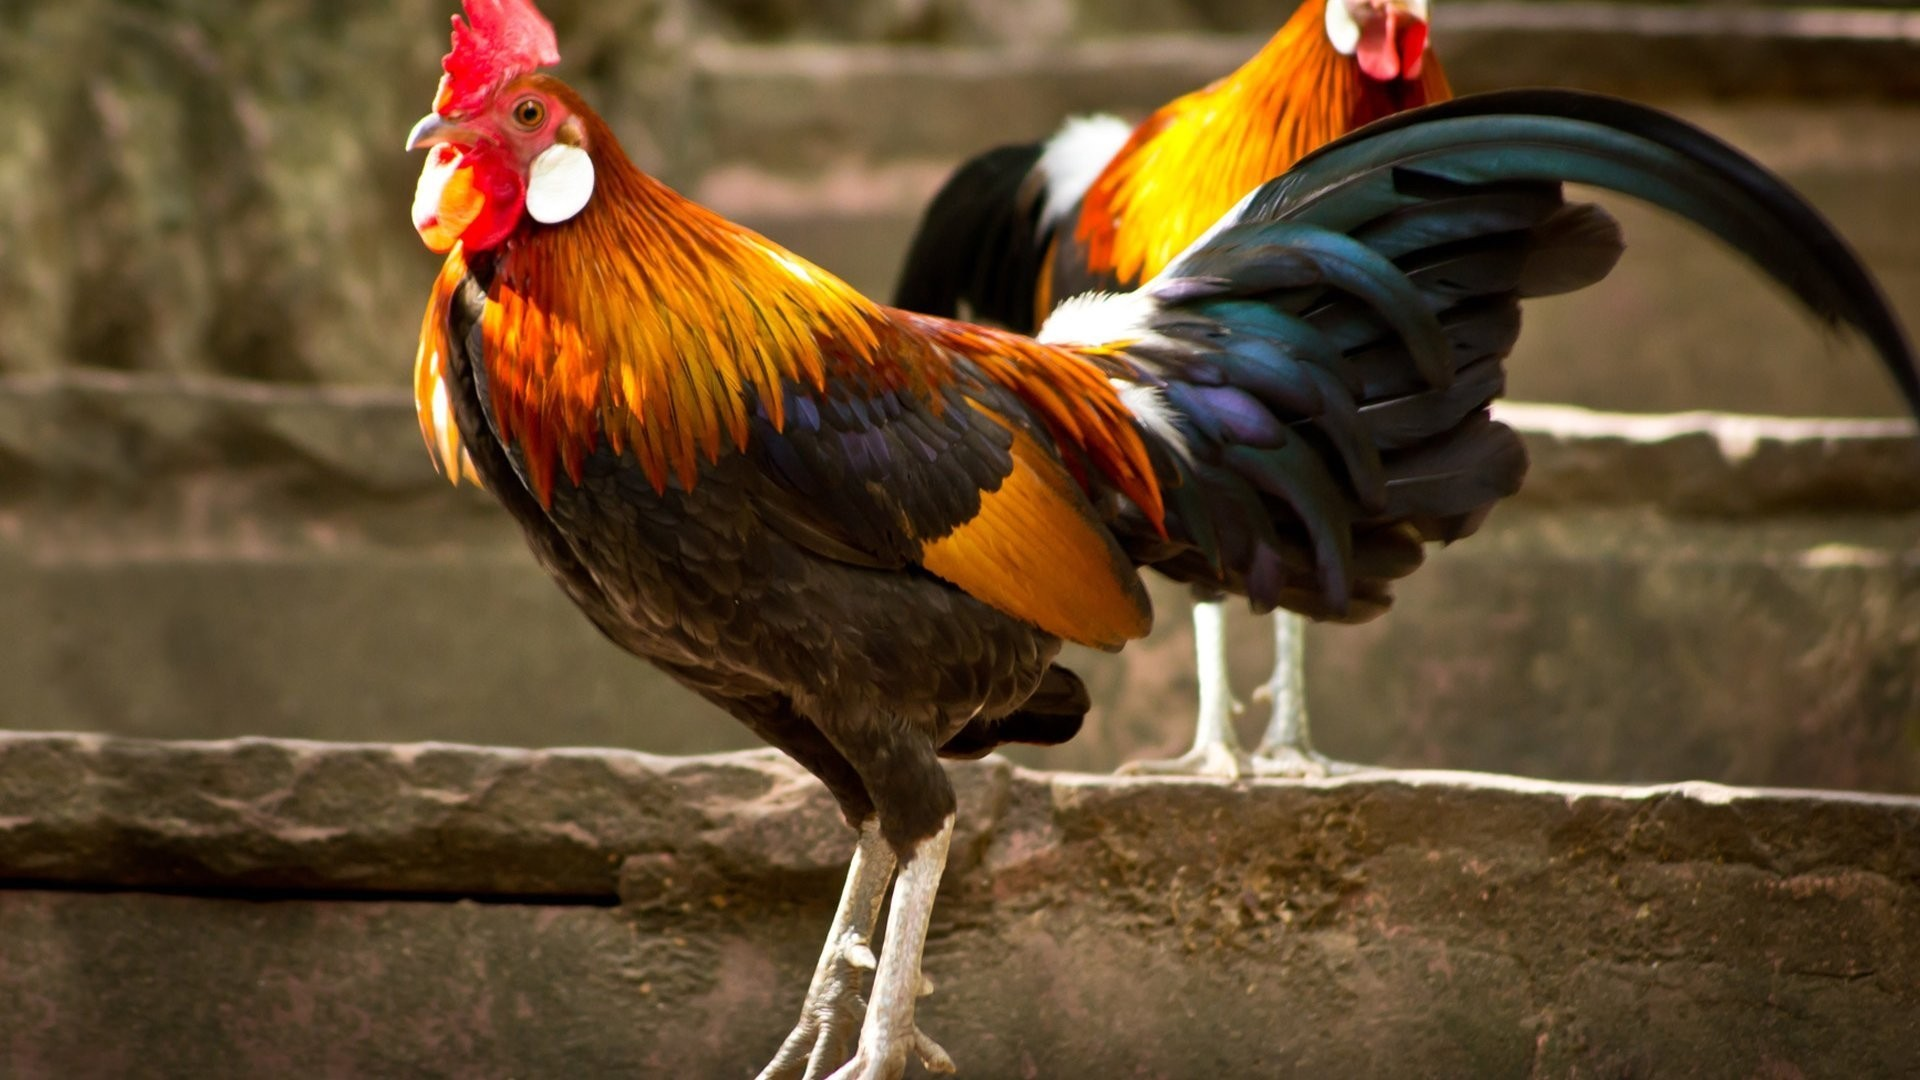 Chicken High Quality